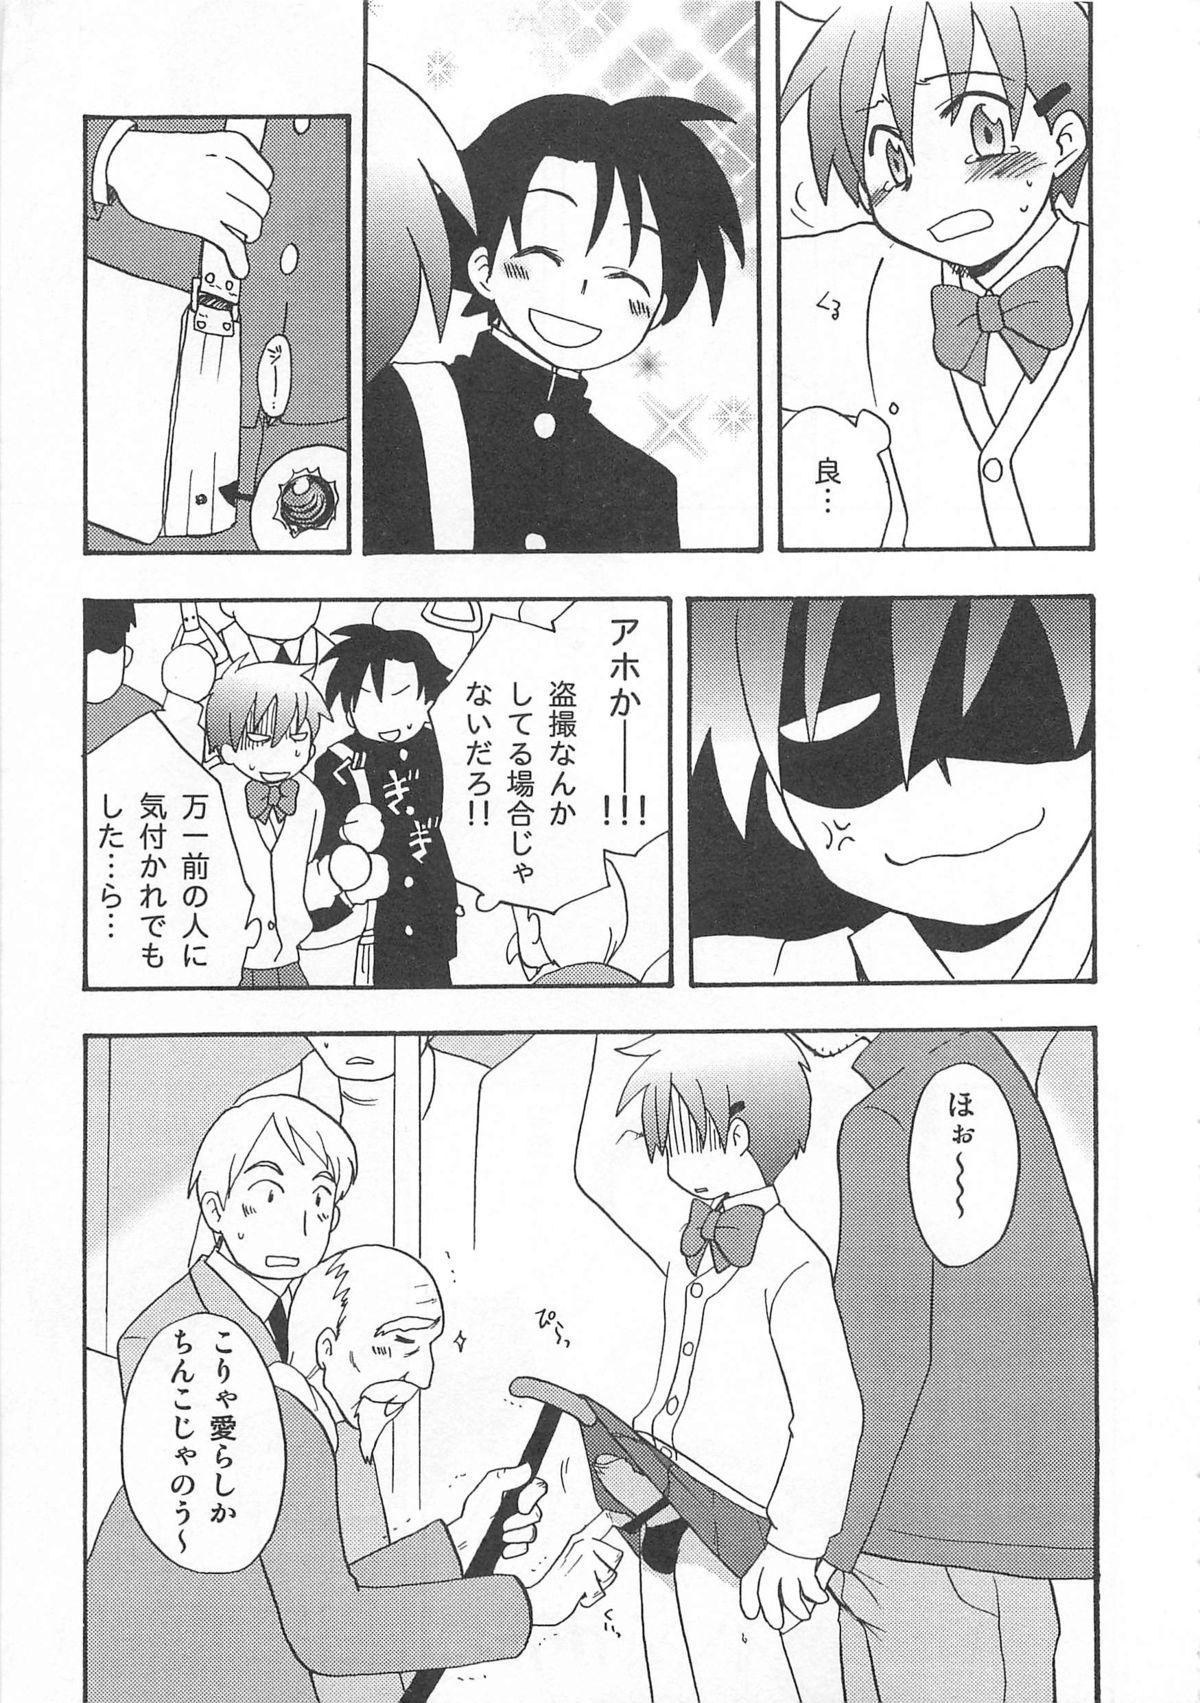 Otokonoko HEAVEN Vol. 01 Meganekko 99